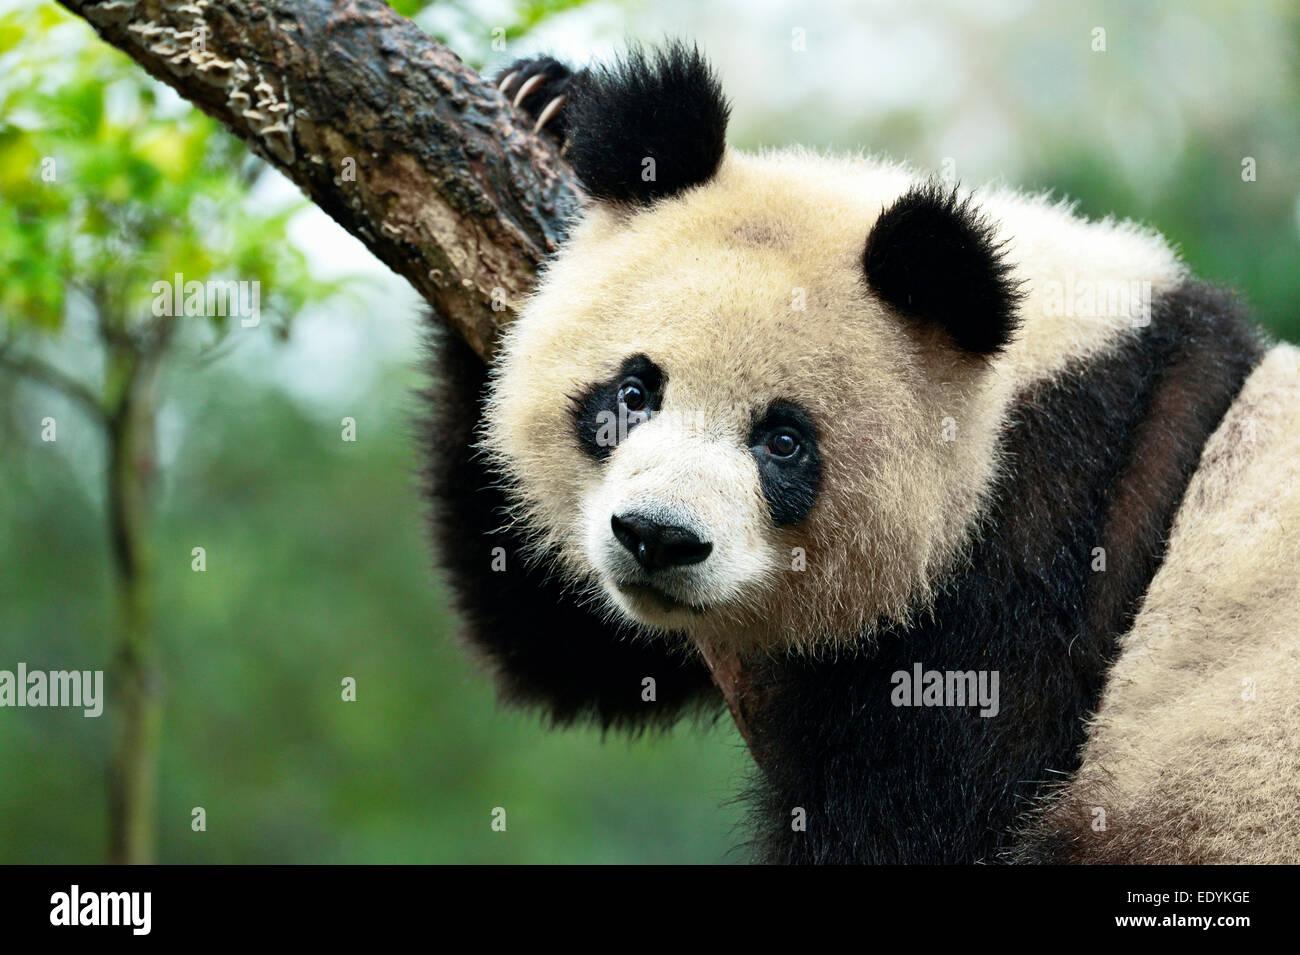 El panda gigante (Ailuropoda melanoleuca) colgado de un árbol, cautiva, Chengdu Base de investigación Imagen De Stock